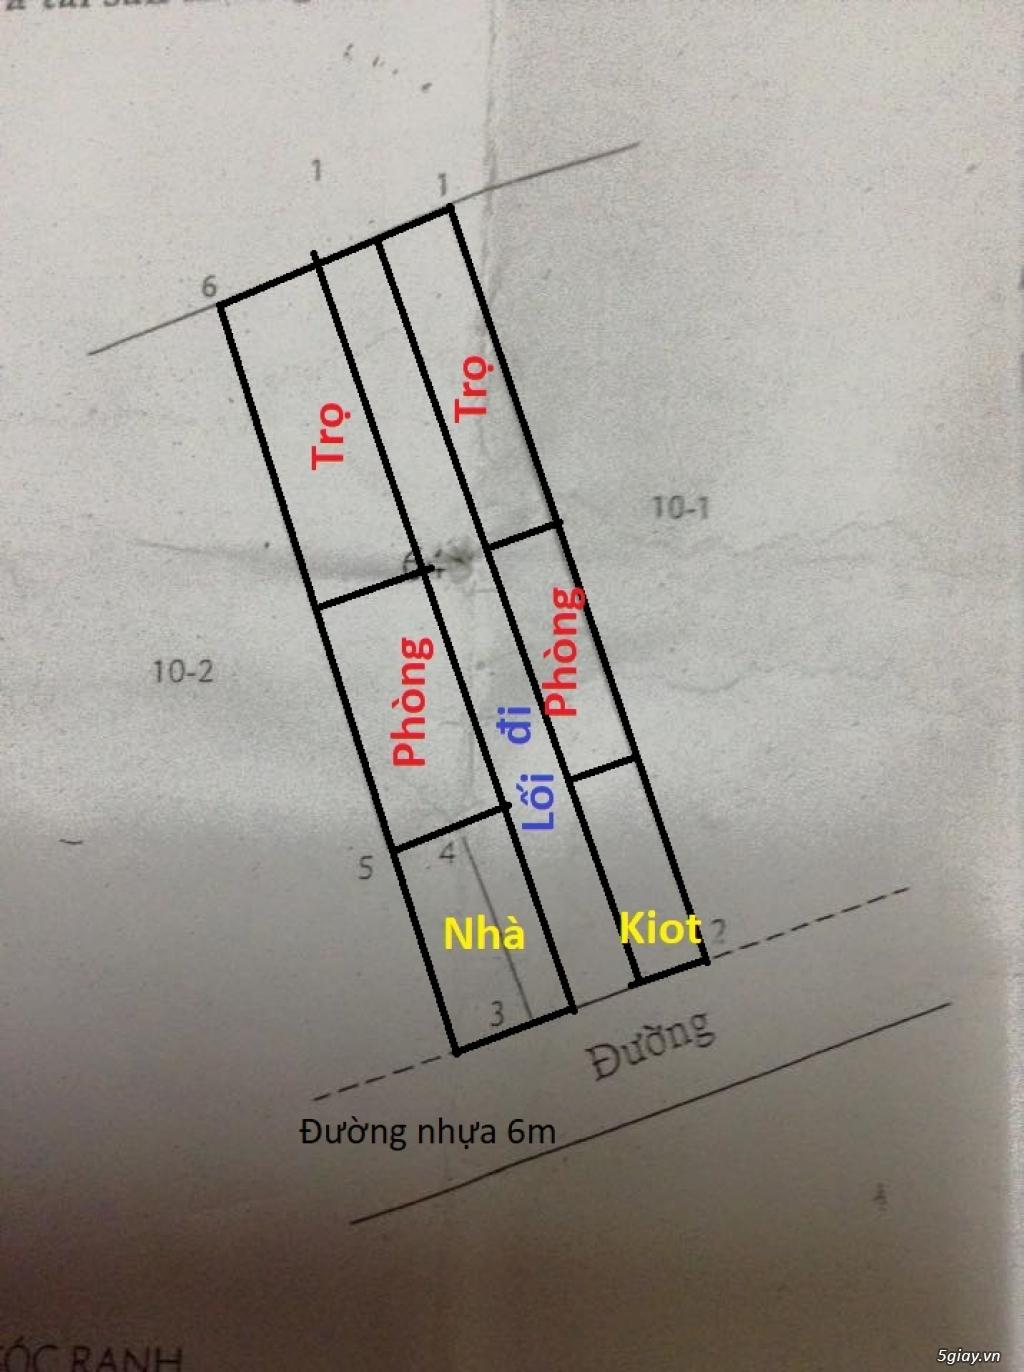 Bán Gấp 15 Phòng Trọ mới xây dựng , Quận 9 , TP.HCM ... - 1